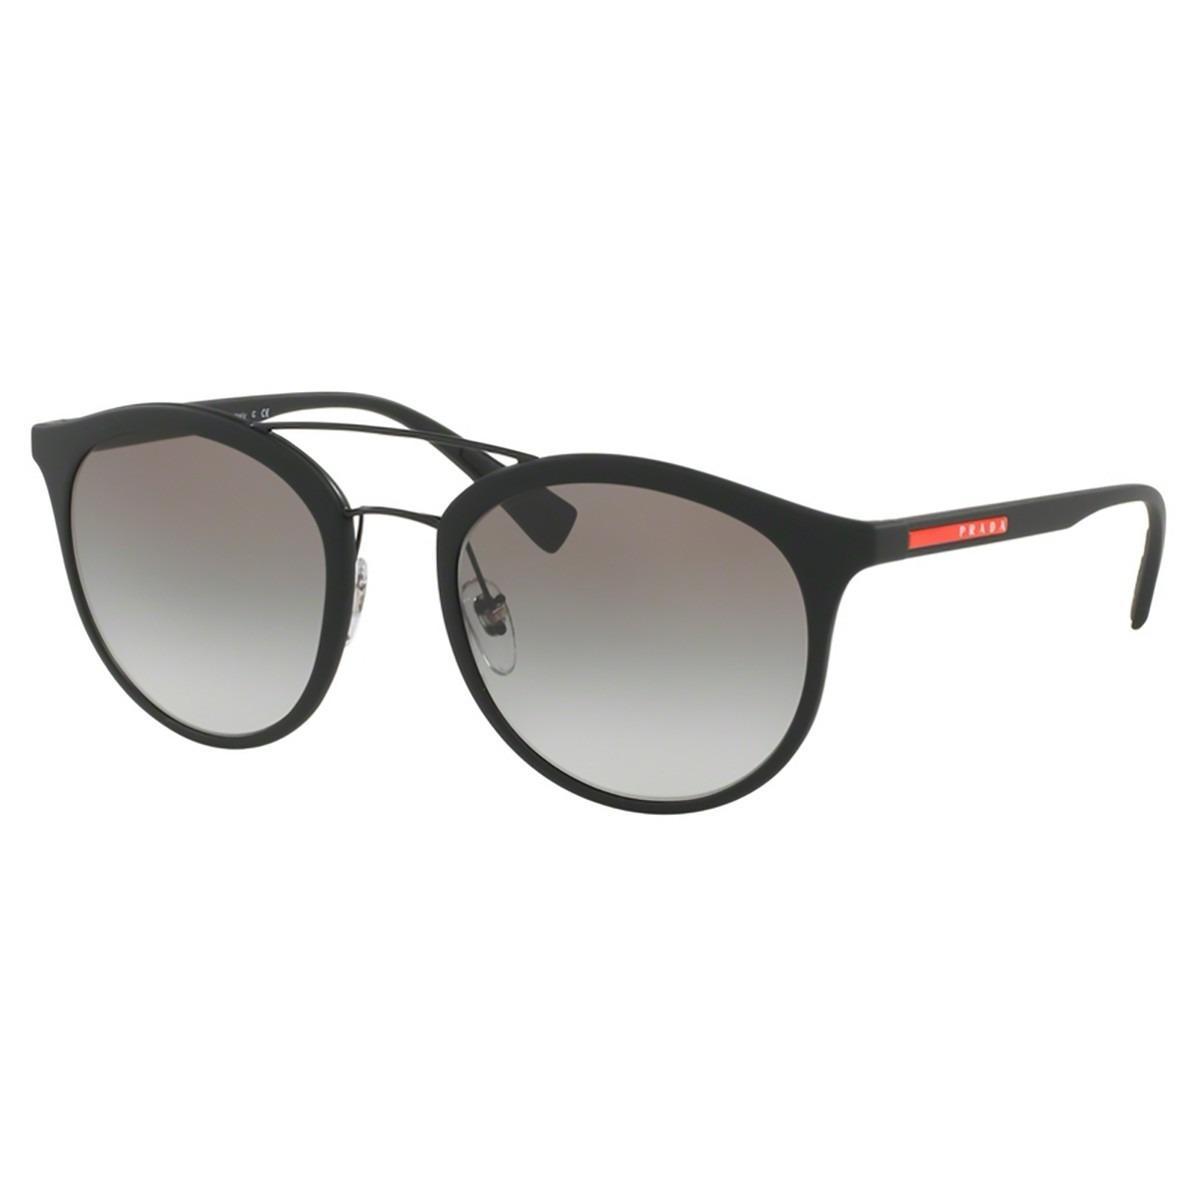 b0d7b13ecd795 Óculos De Sol Prada Sport Sps04r Dg0-0a7 - R  938,00 em Mercado Livre